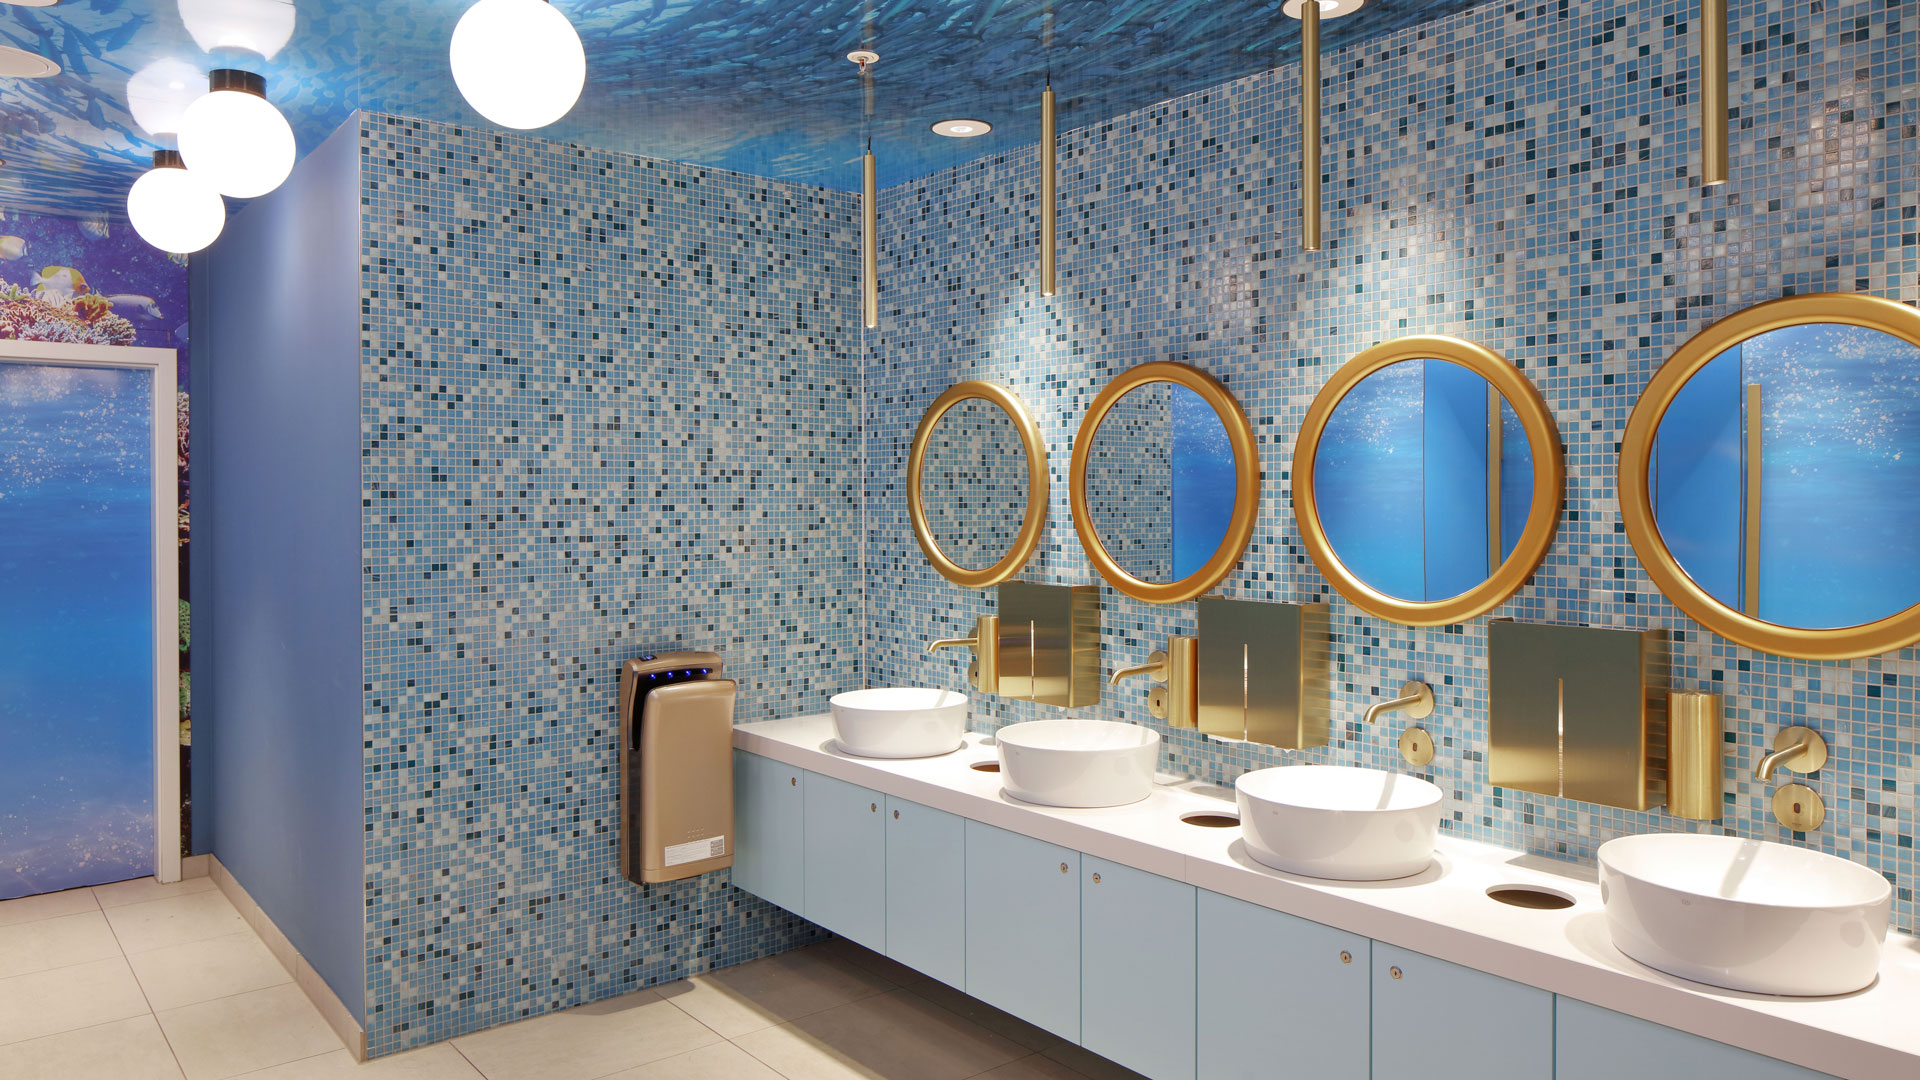 Kunden WC Ozeanwelt